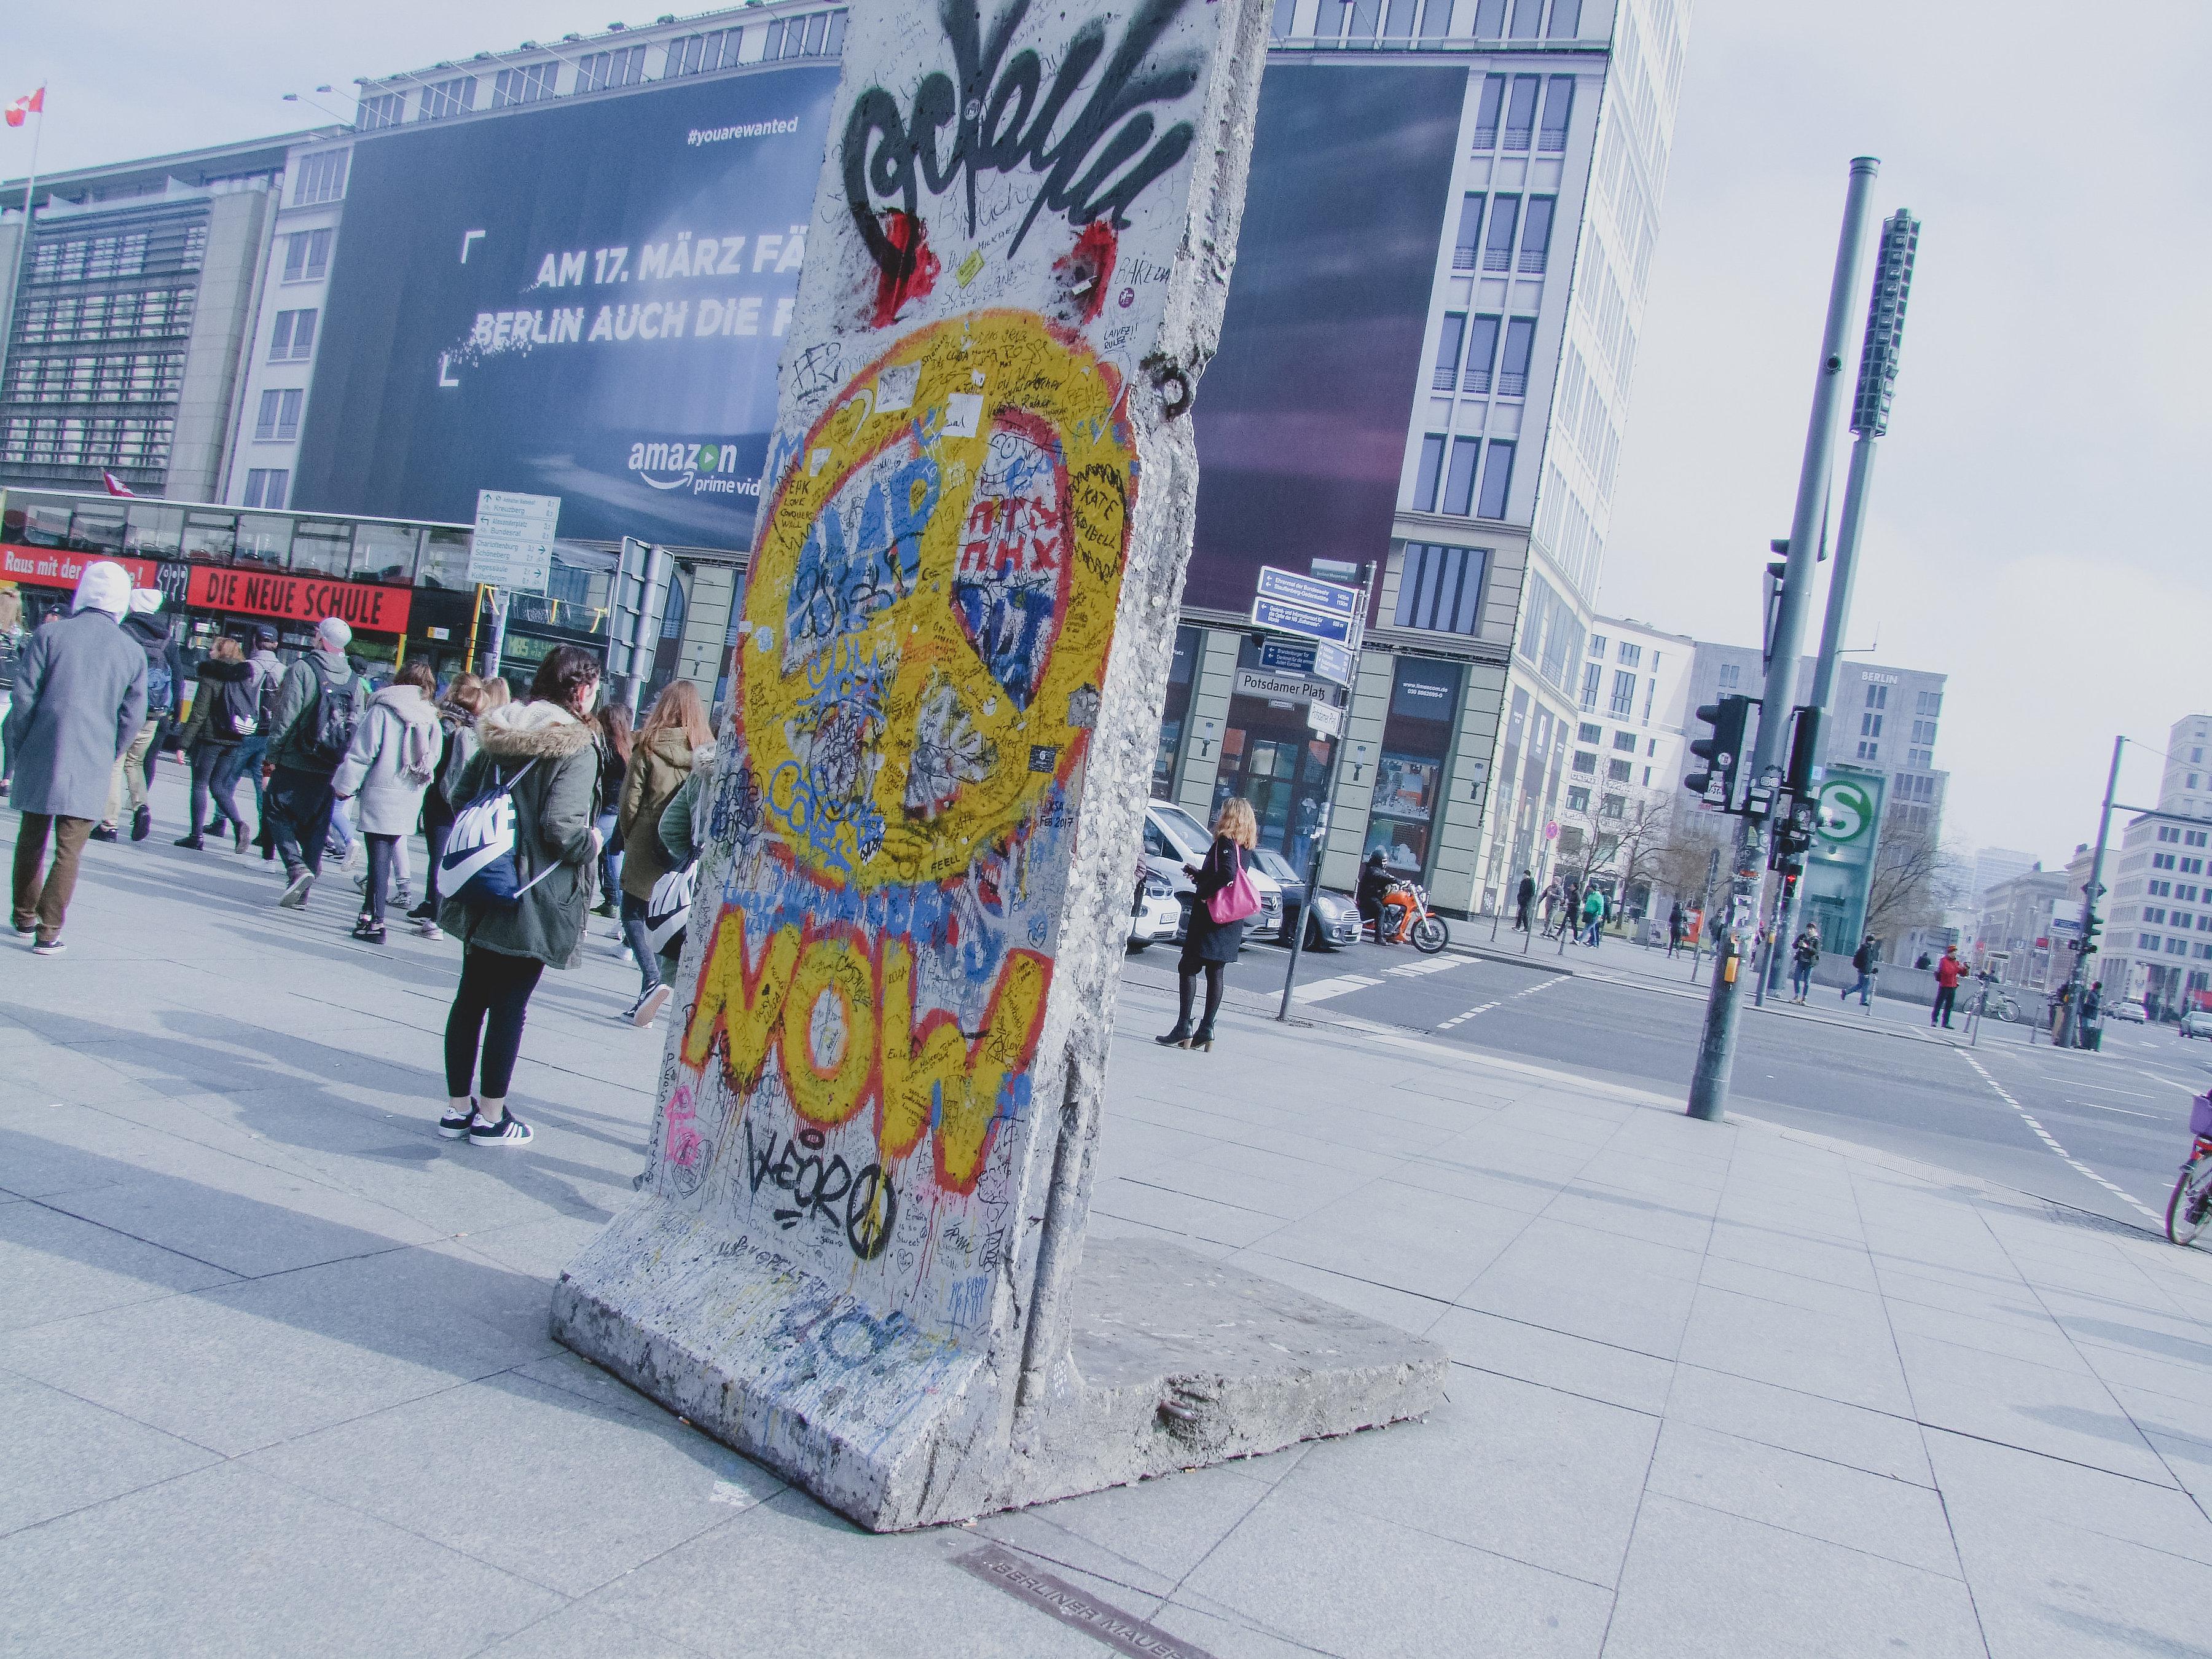 CS_juzelohr-berlin-206